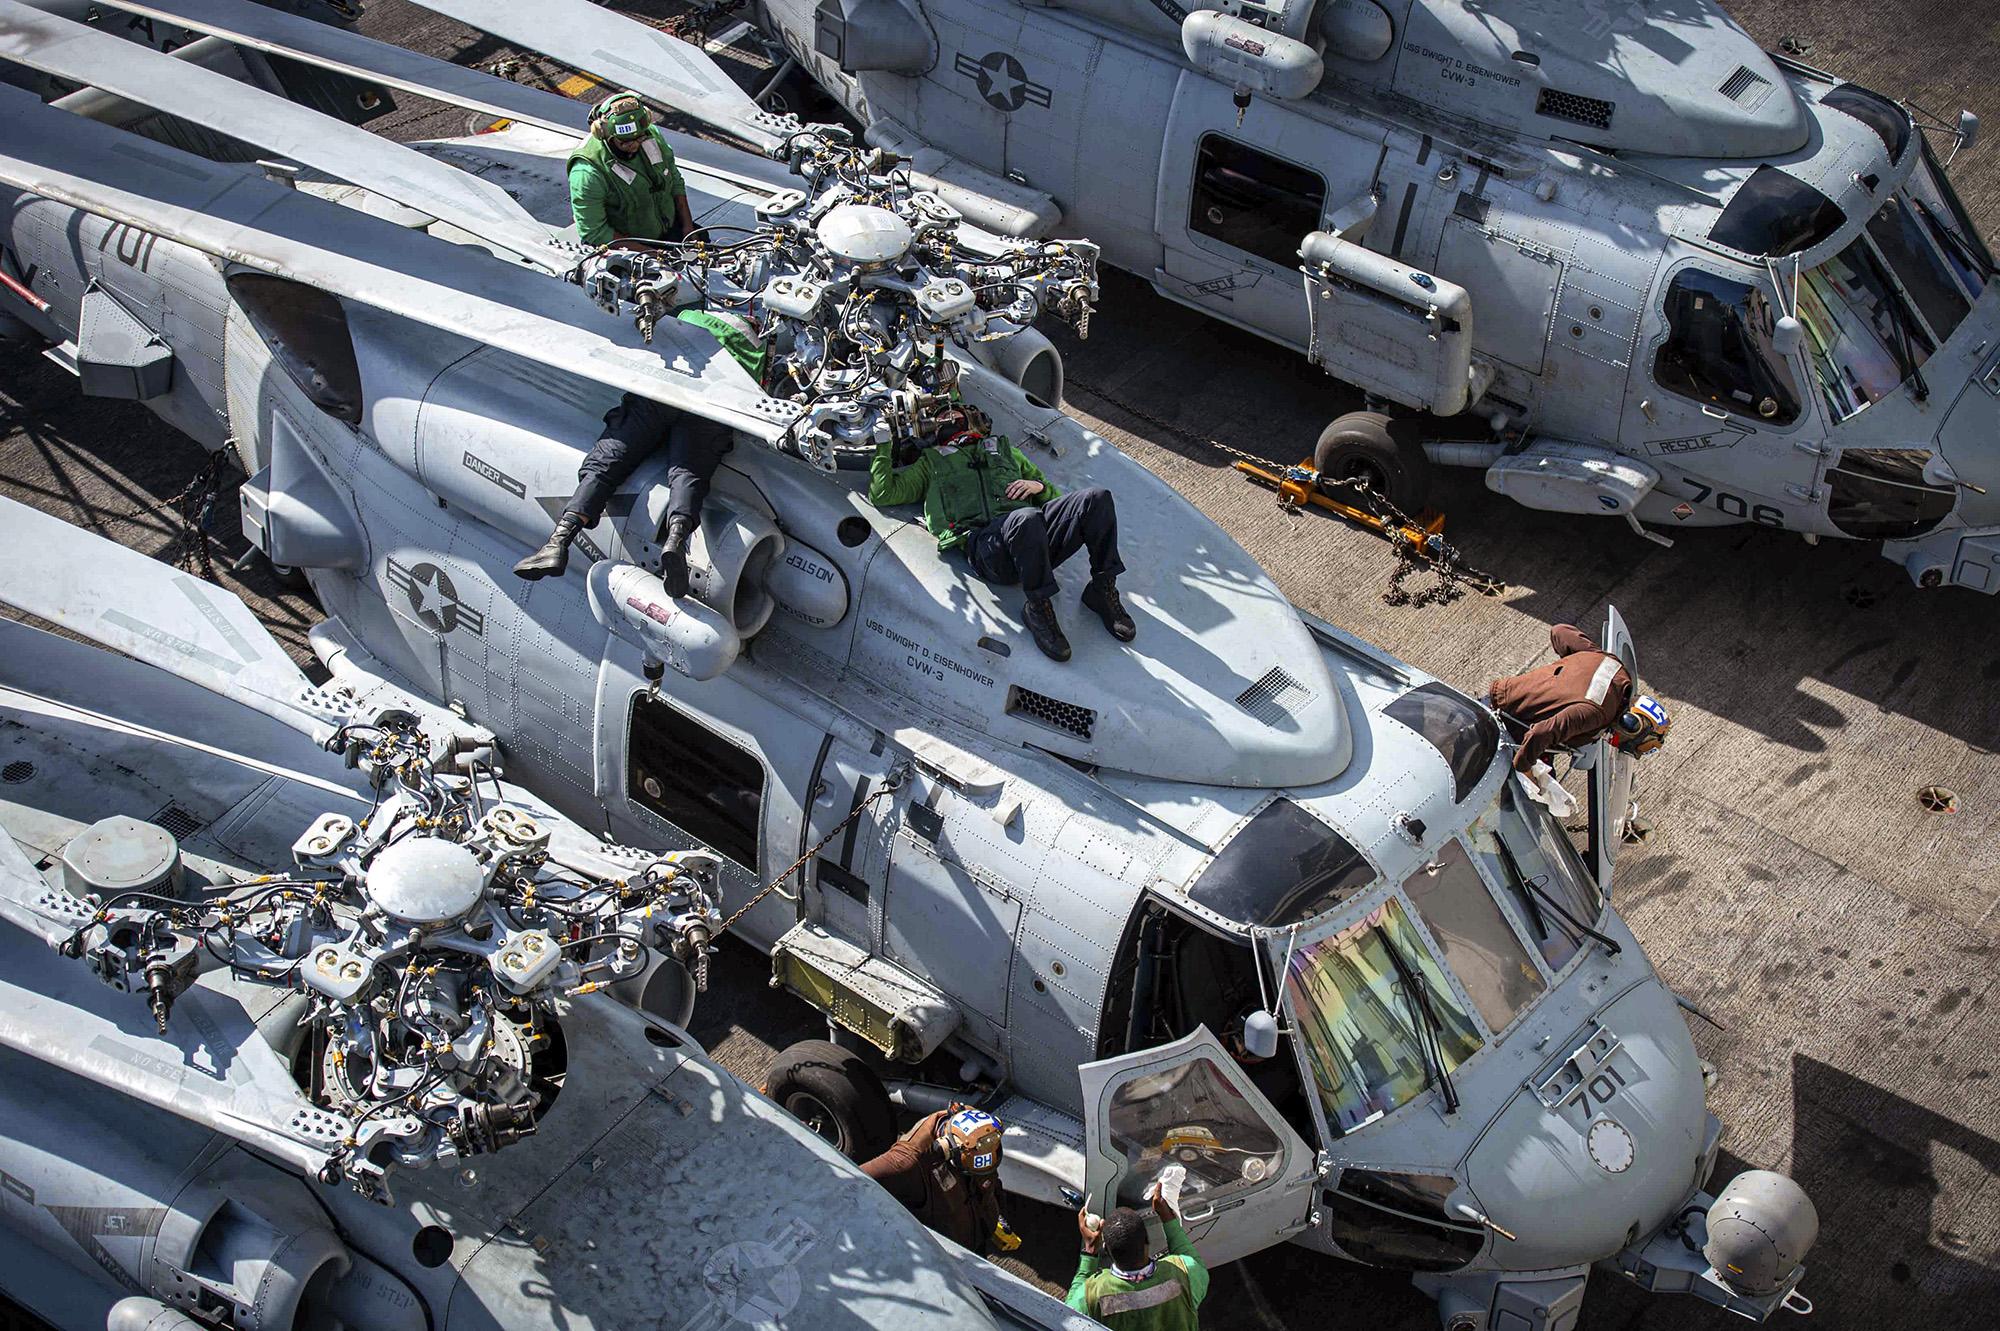 Sailors perform maintenance on an MH-60R Sea Hawk on Jan. 27, 2021, on the flight deck aboard the Nimitz-class aircraft carrier USS Dwight D. Eisenhower (CVN 69) in the Atlantic Ocean. (Mass Communication Specialist Seaman Orion Shotton/Navy)